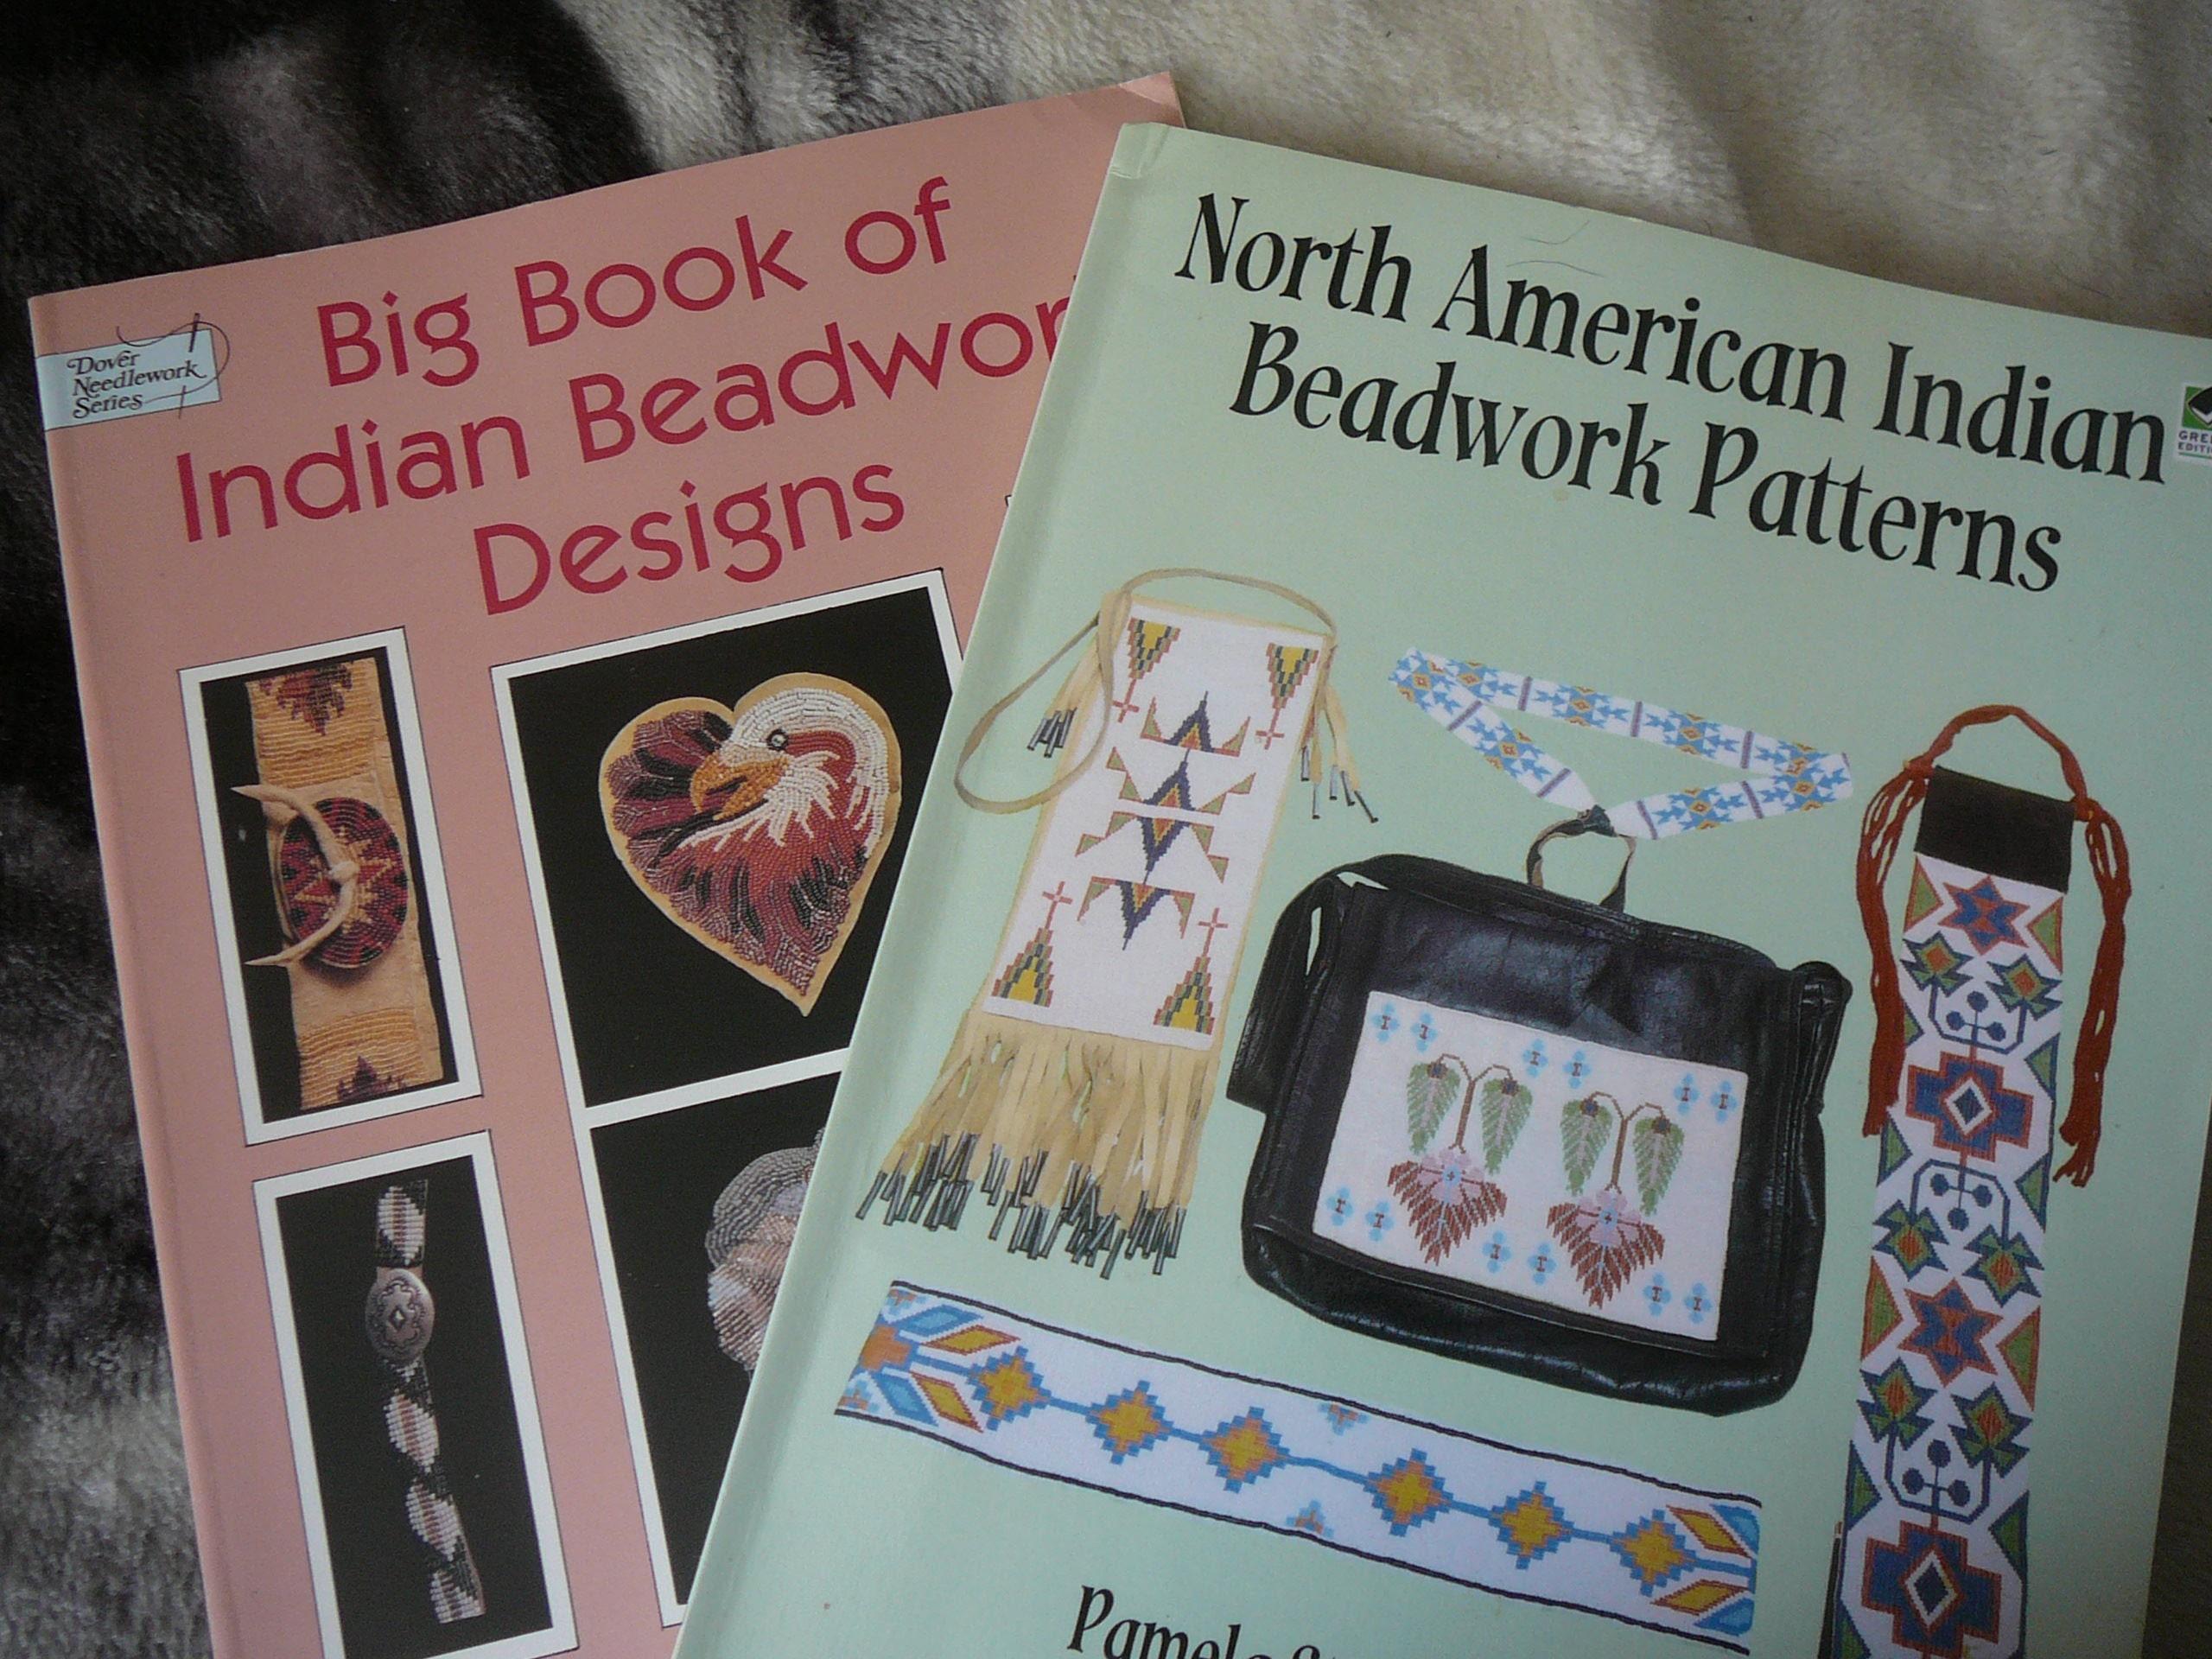 Big Book of Indian Beadwork Designs (Dover Needlework)